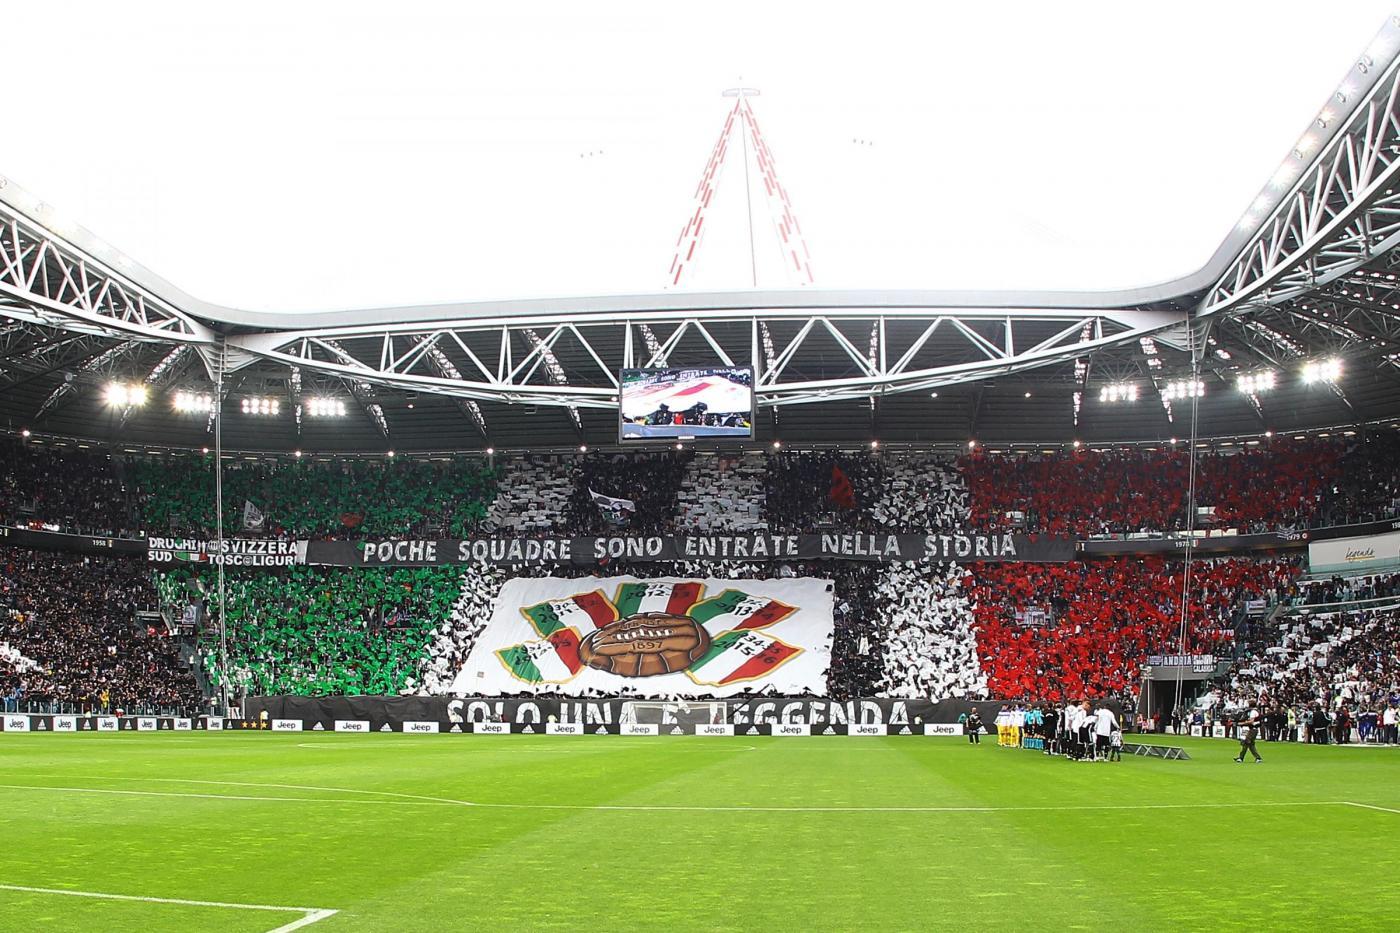 Juve Roma Striscione A Vinovo Degli Ultras Bianconeri